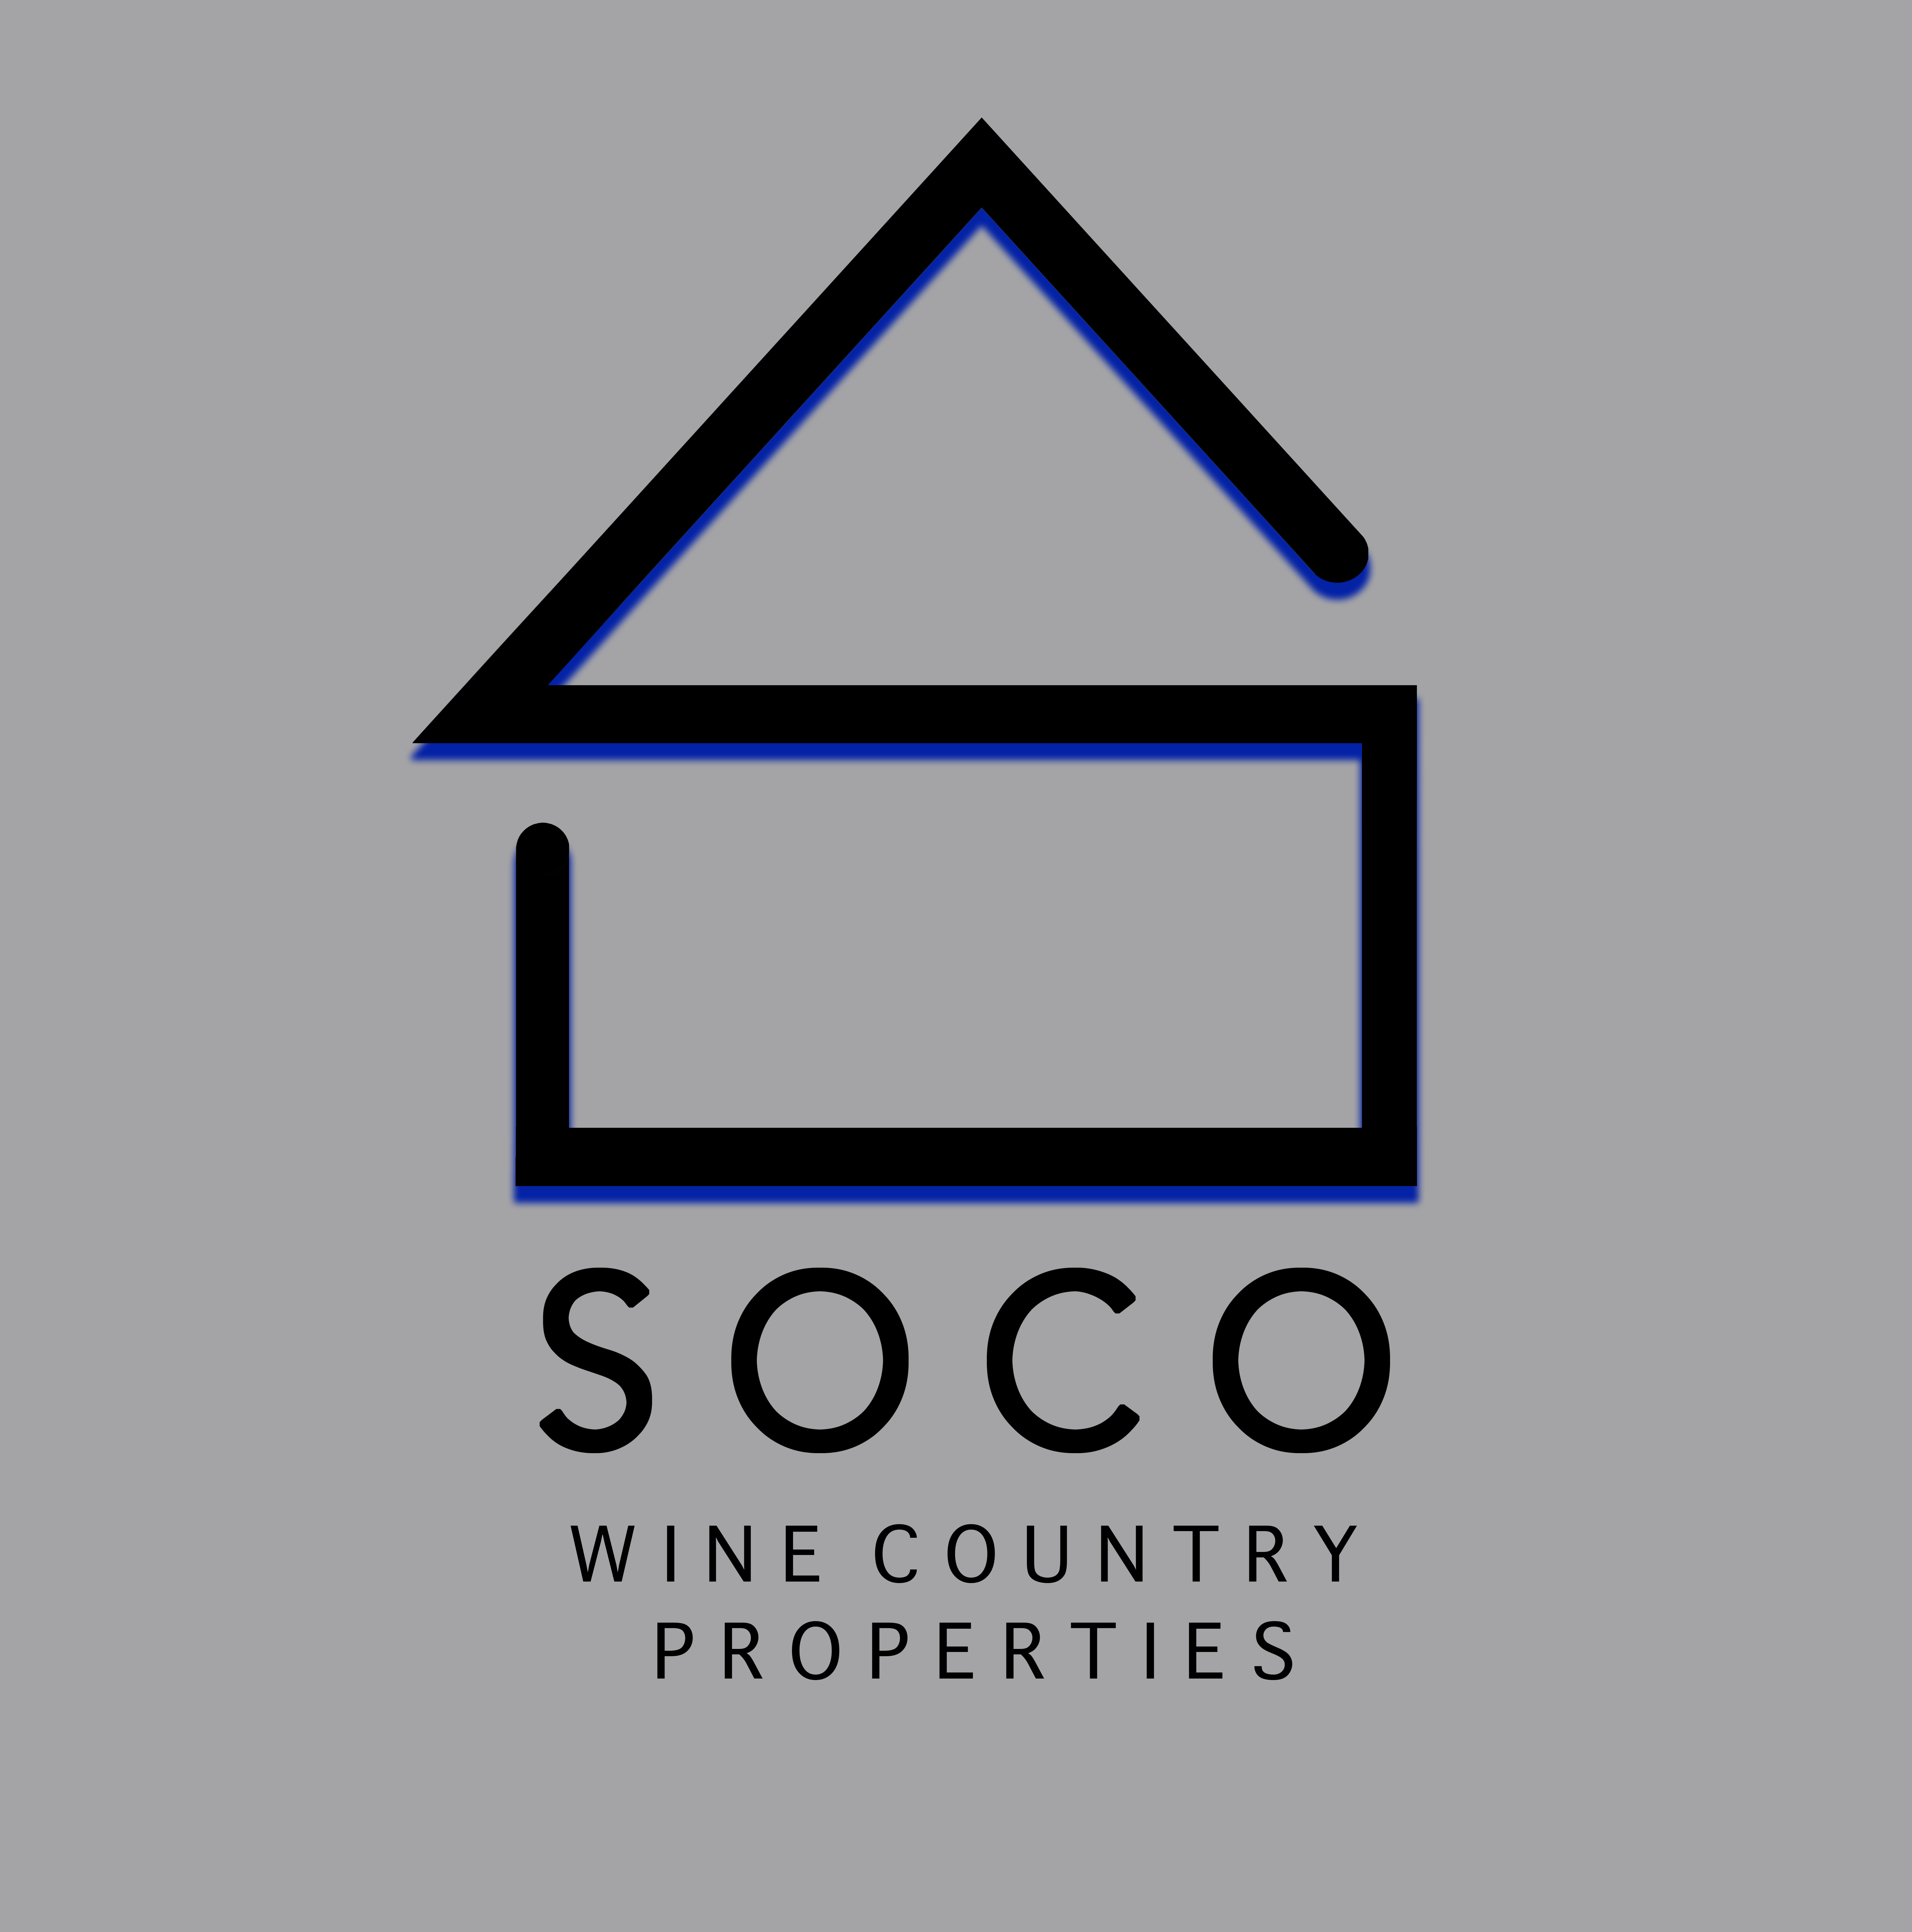 SOCO_logo_final_grey